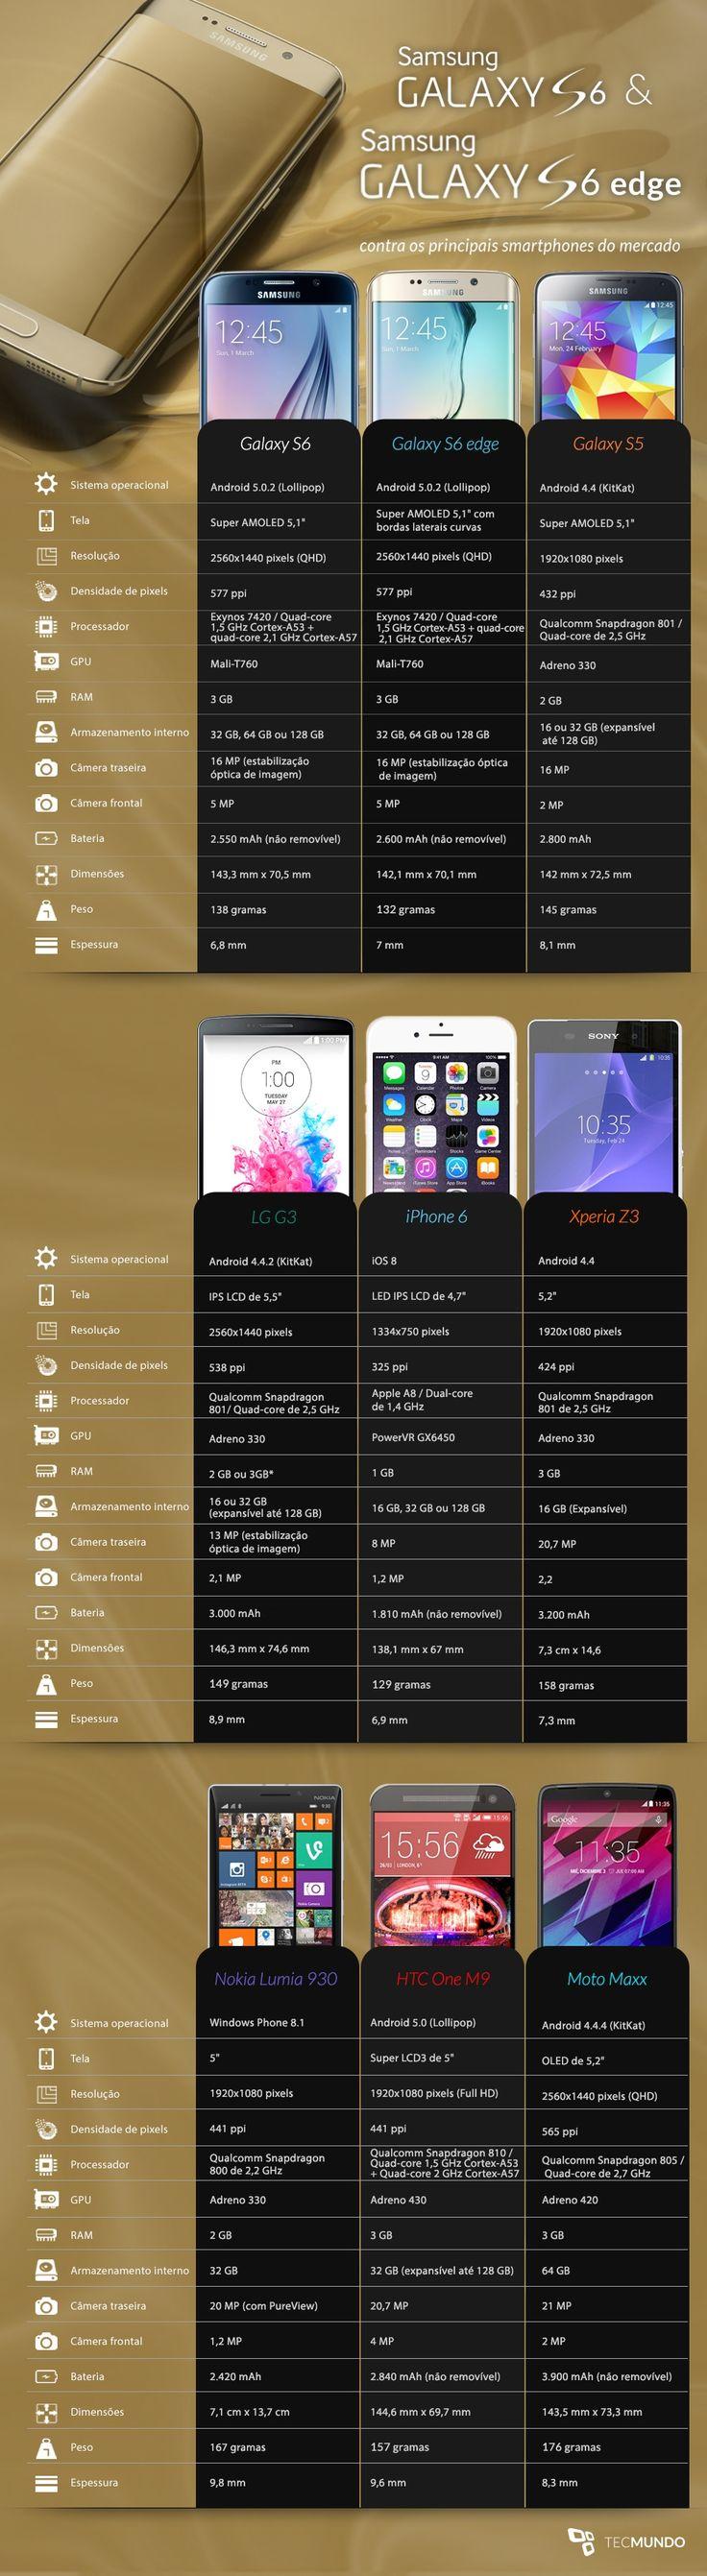 para§£o Galaxy S6 e S6 edge contra os principais smartphones do mercado